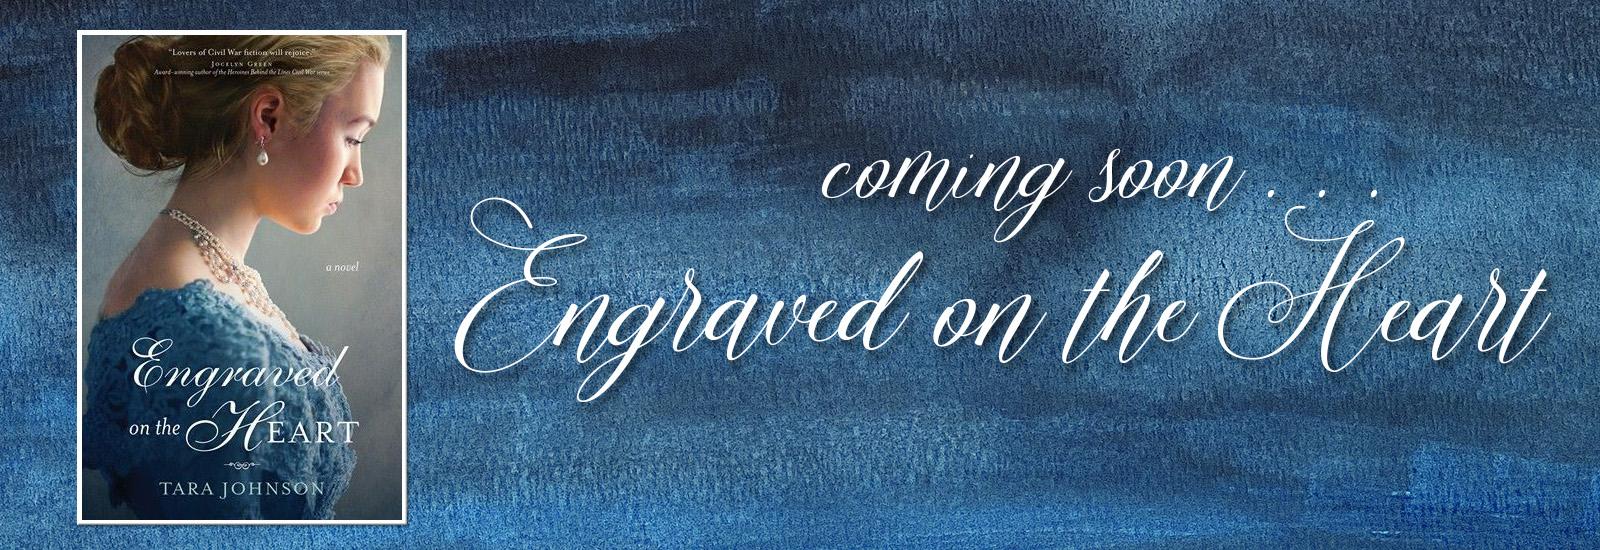 TLJ Engraved on the Heart Slide